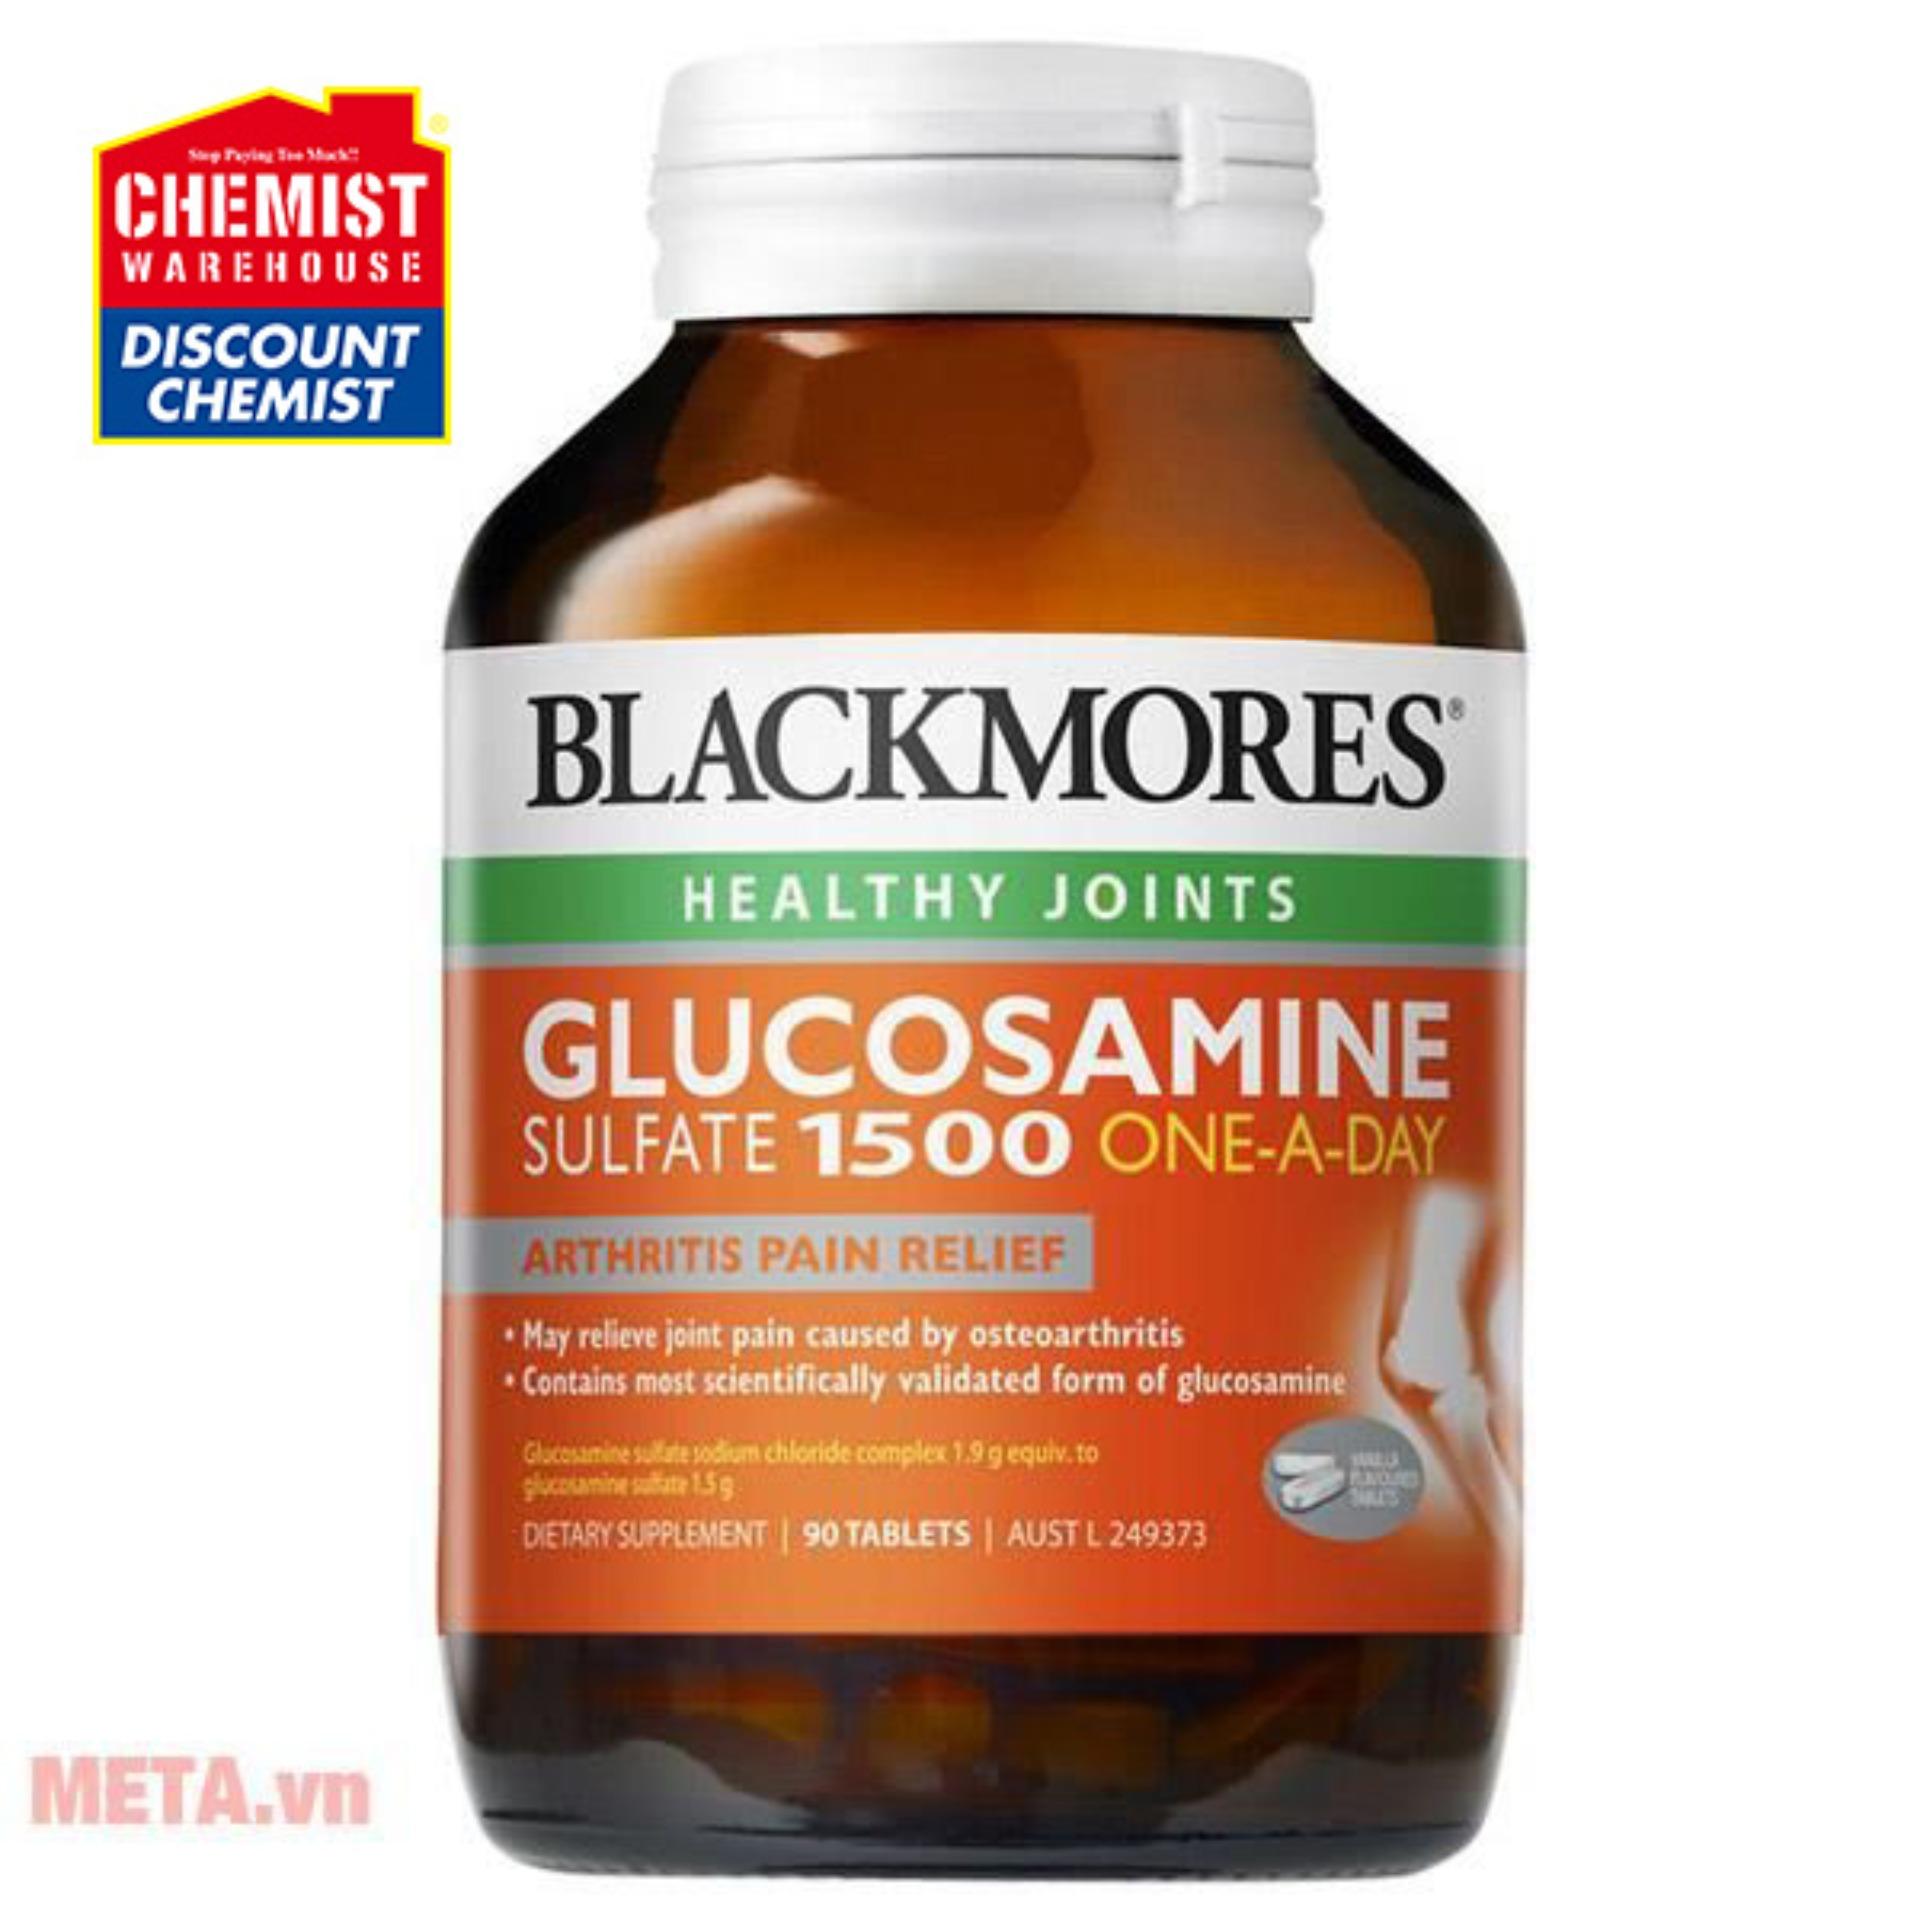 Thực phẩm chức năng bảo vệ khớp Blackmores Glucosamine Sulfate 1500 One-a-day 180 viên